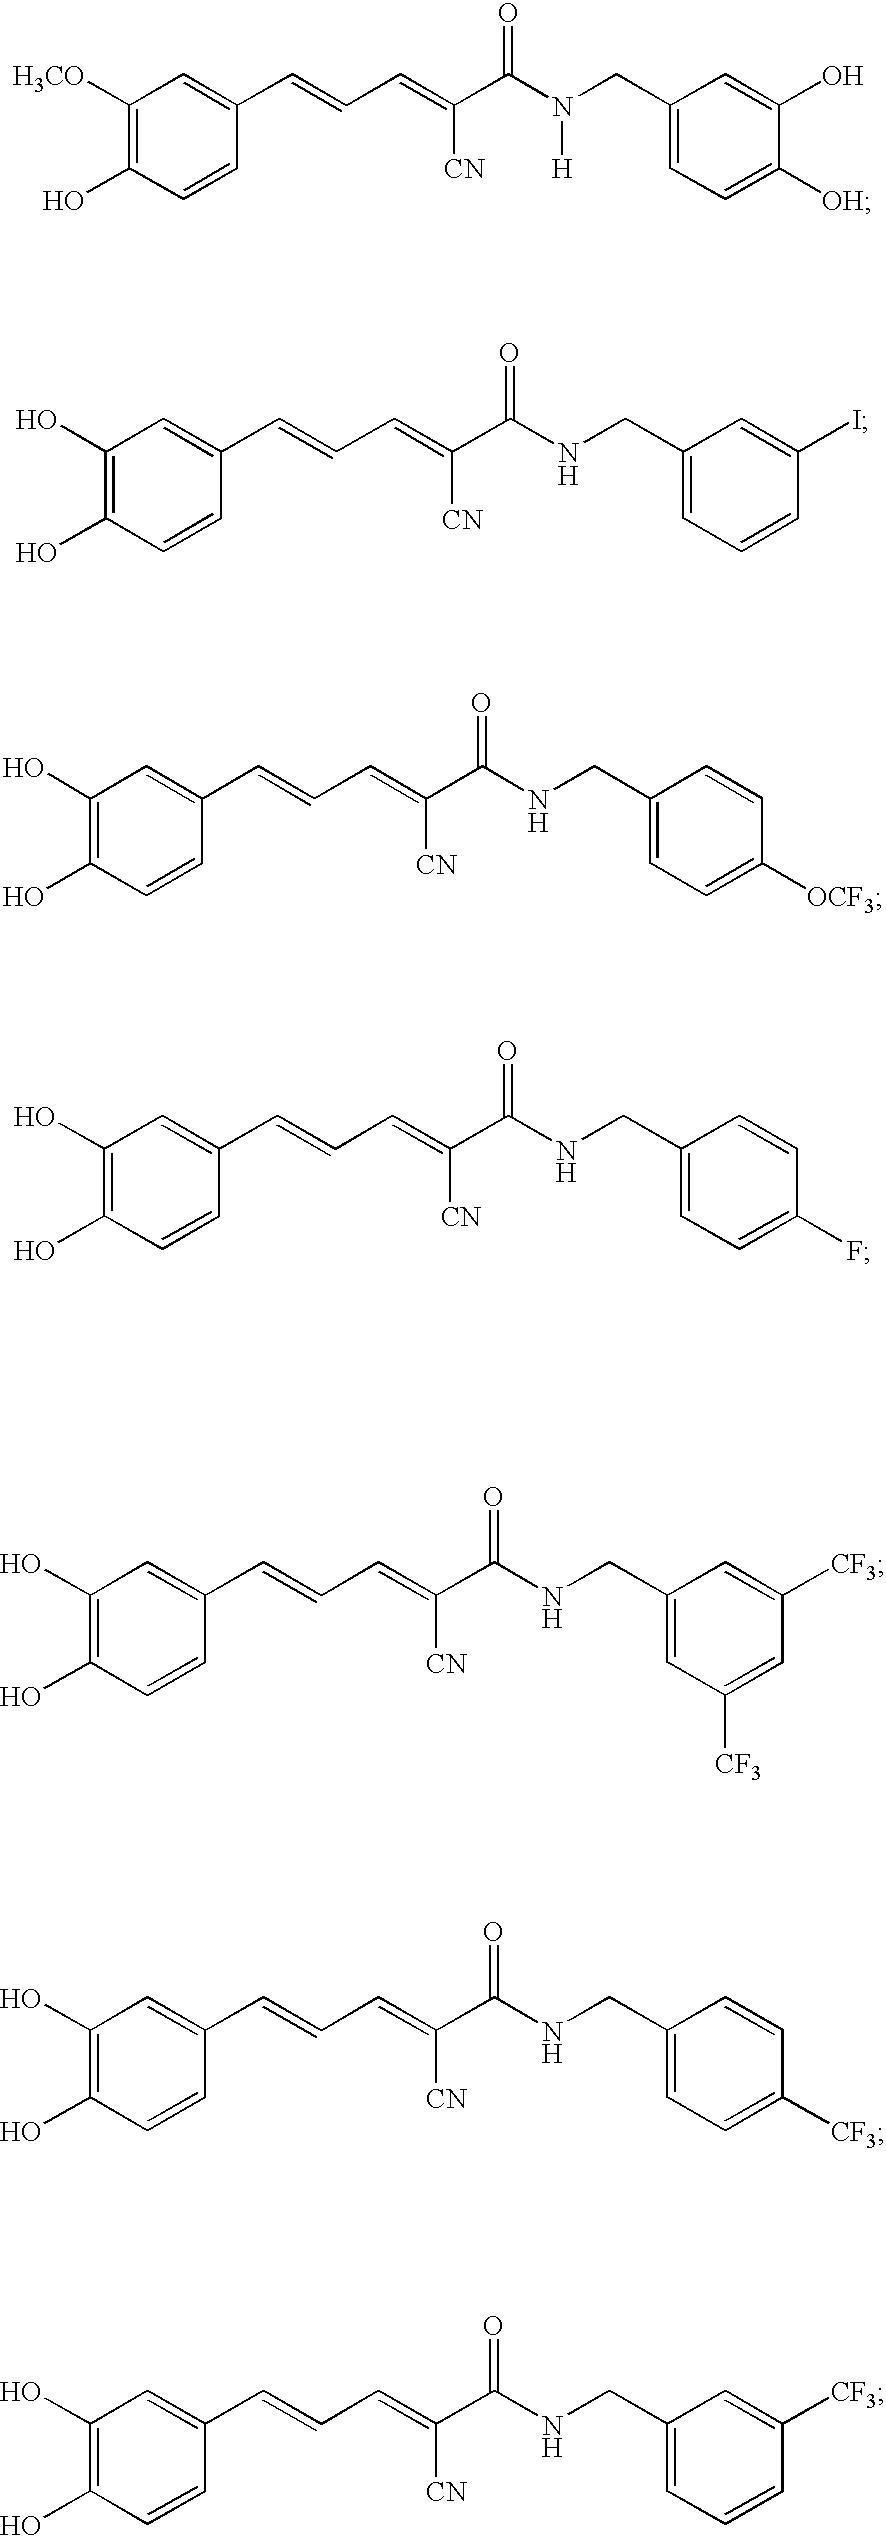 Figure US20050033090A1-20050210-C00014